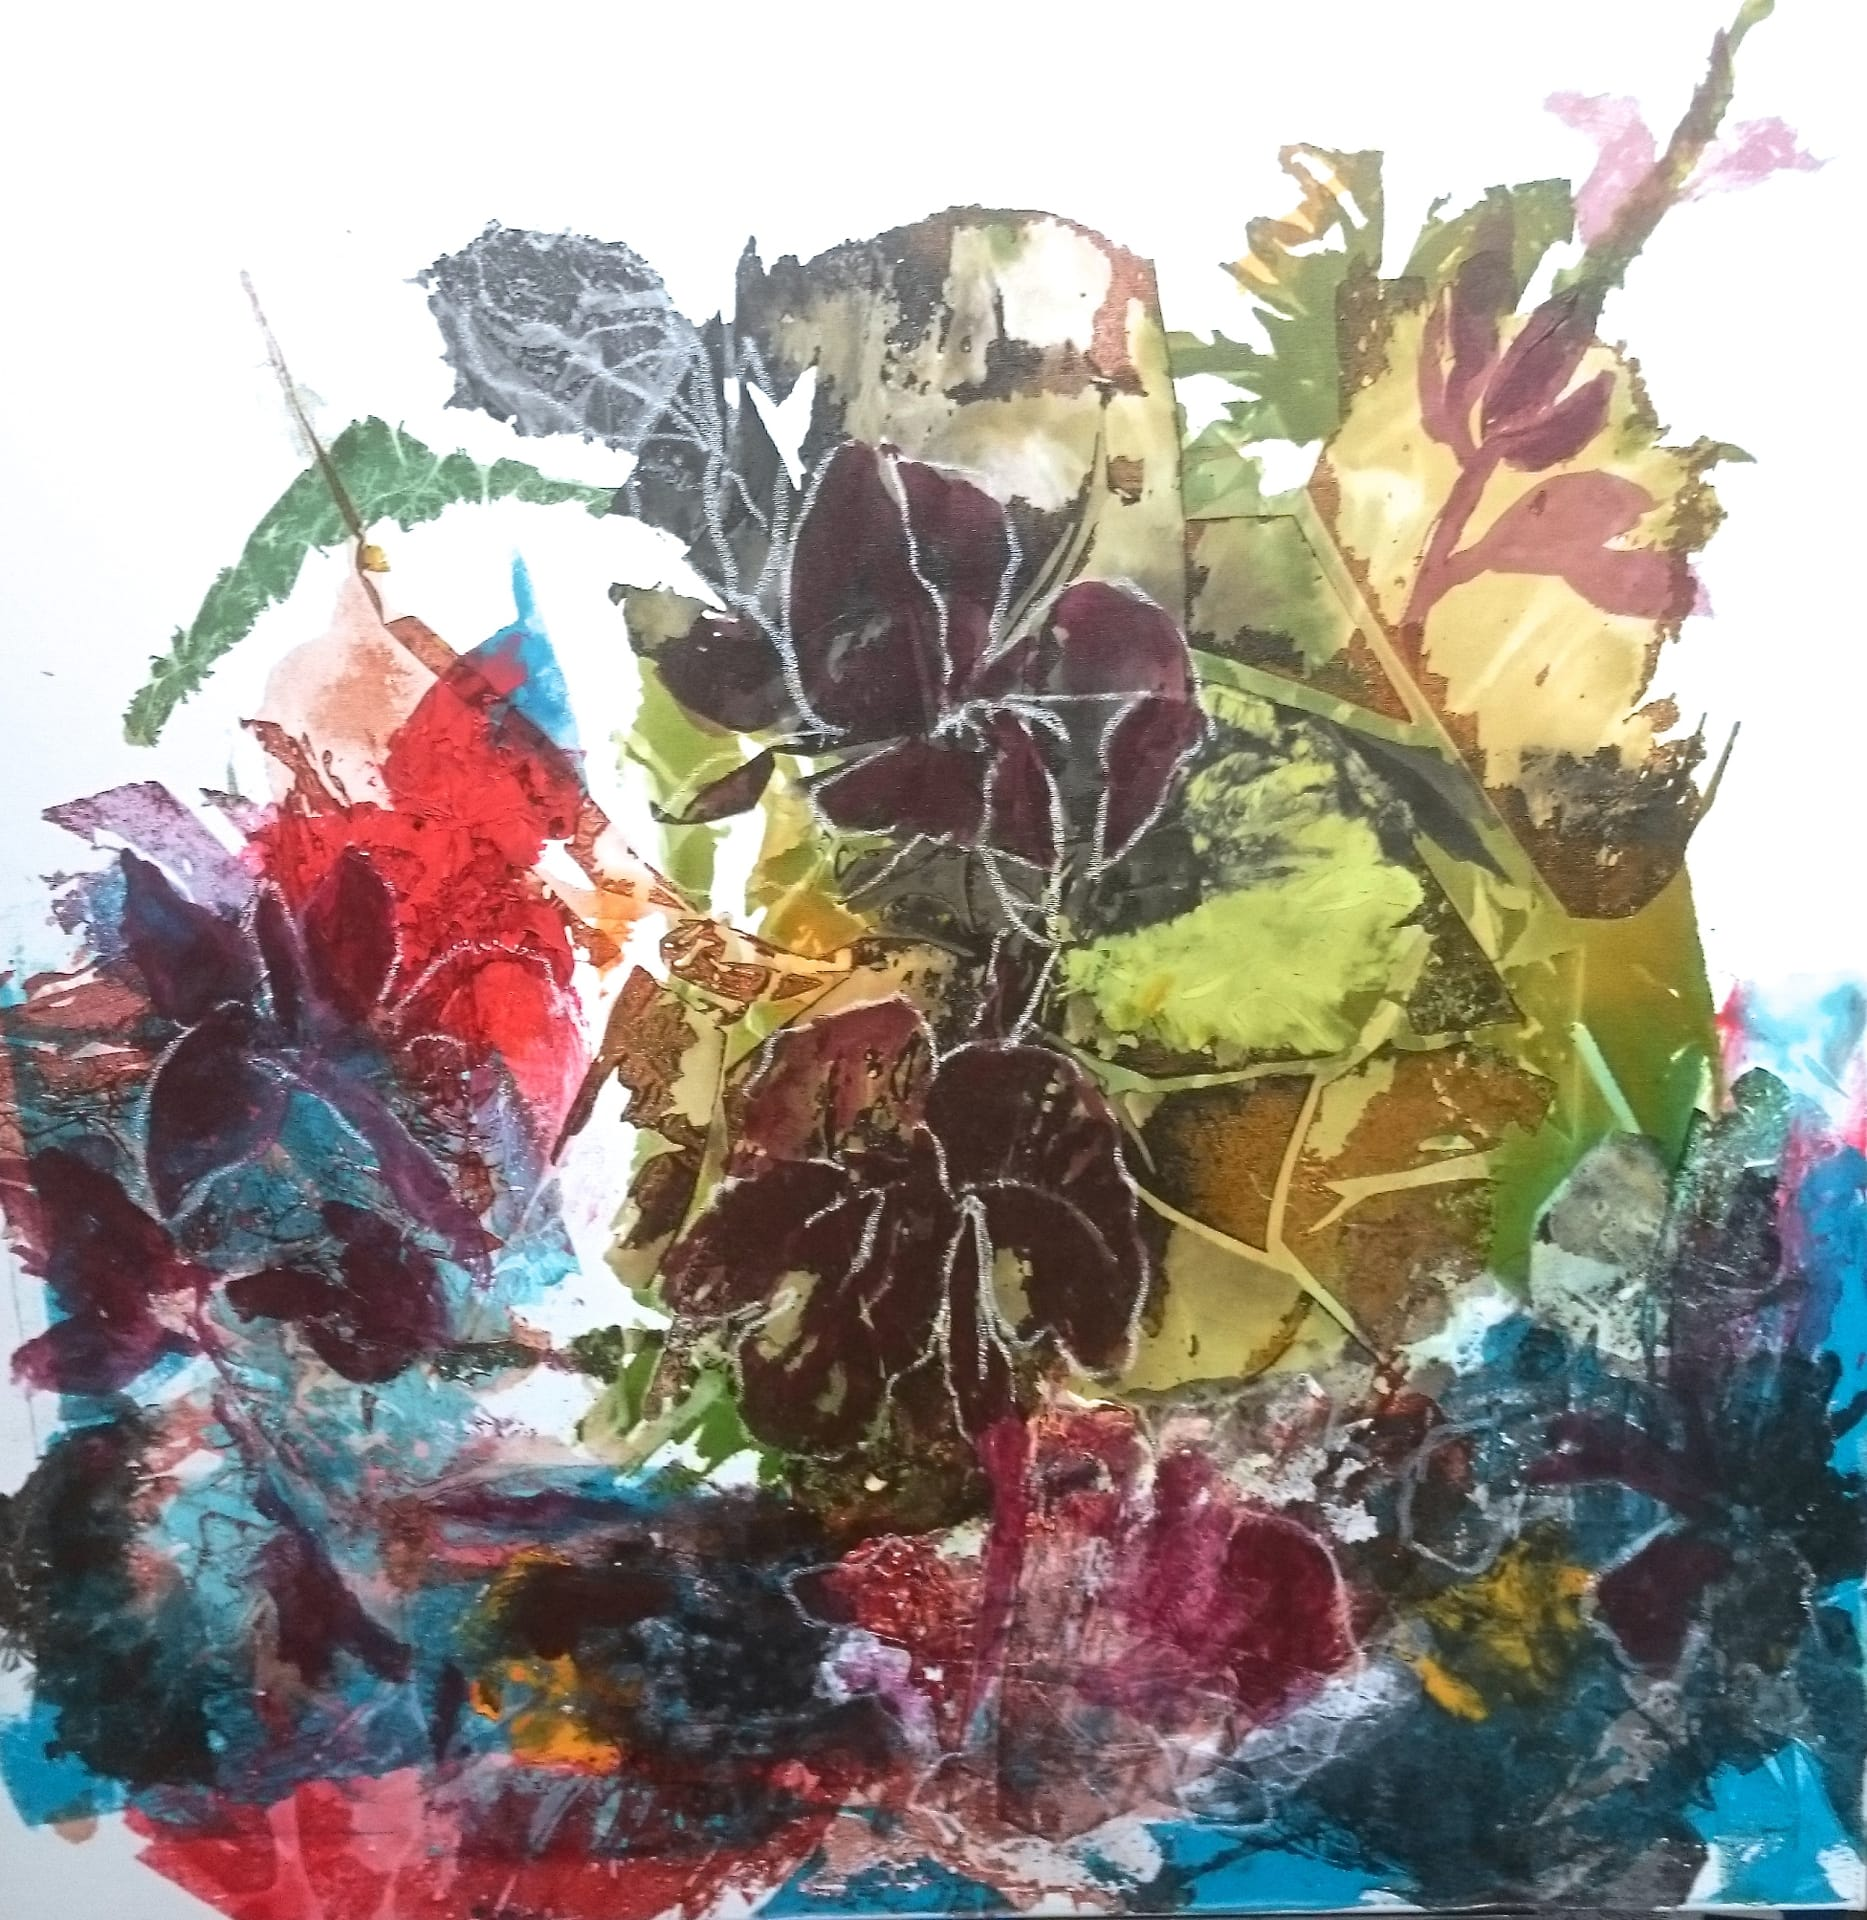 Karin Vollenbruch: Blumenteppich